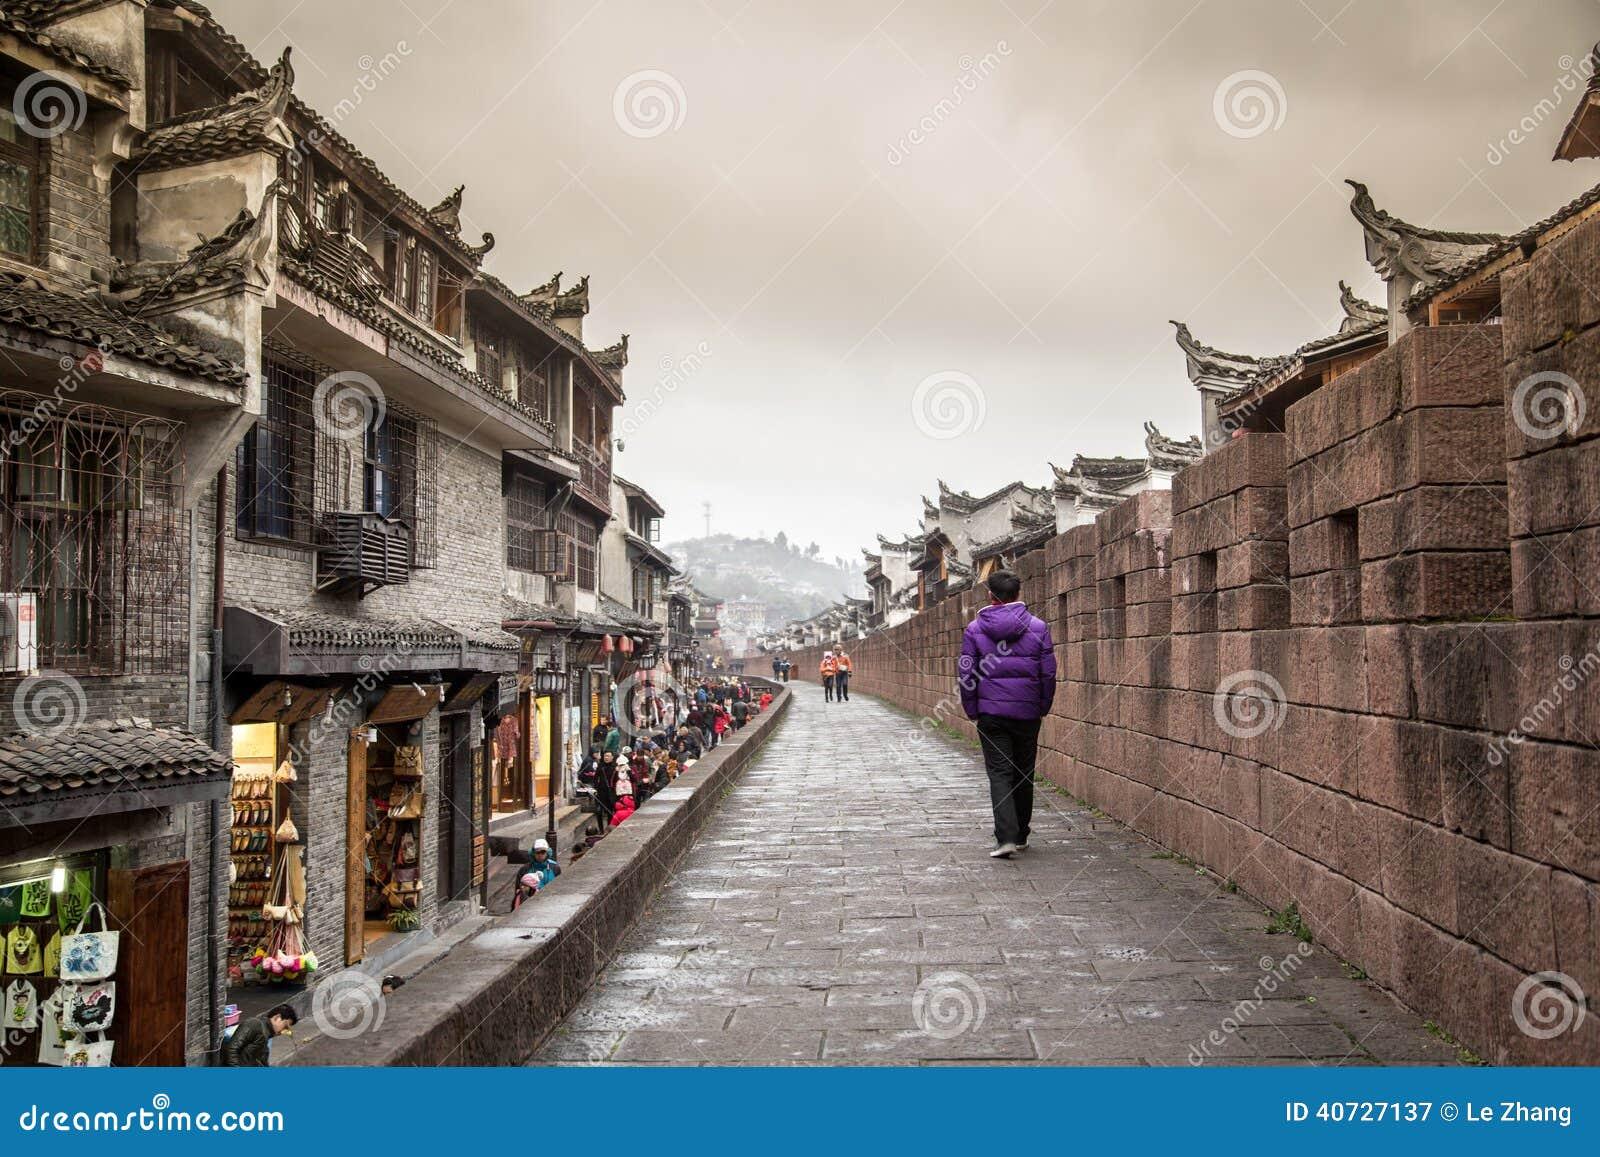 China ancient streets